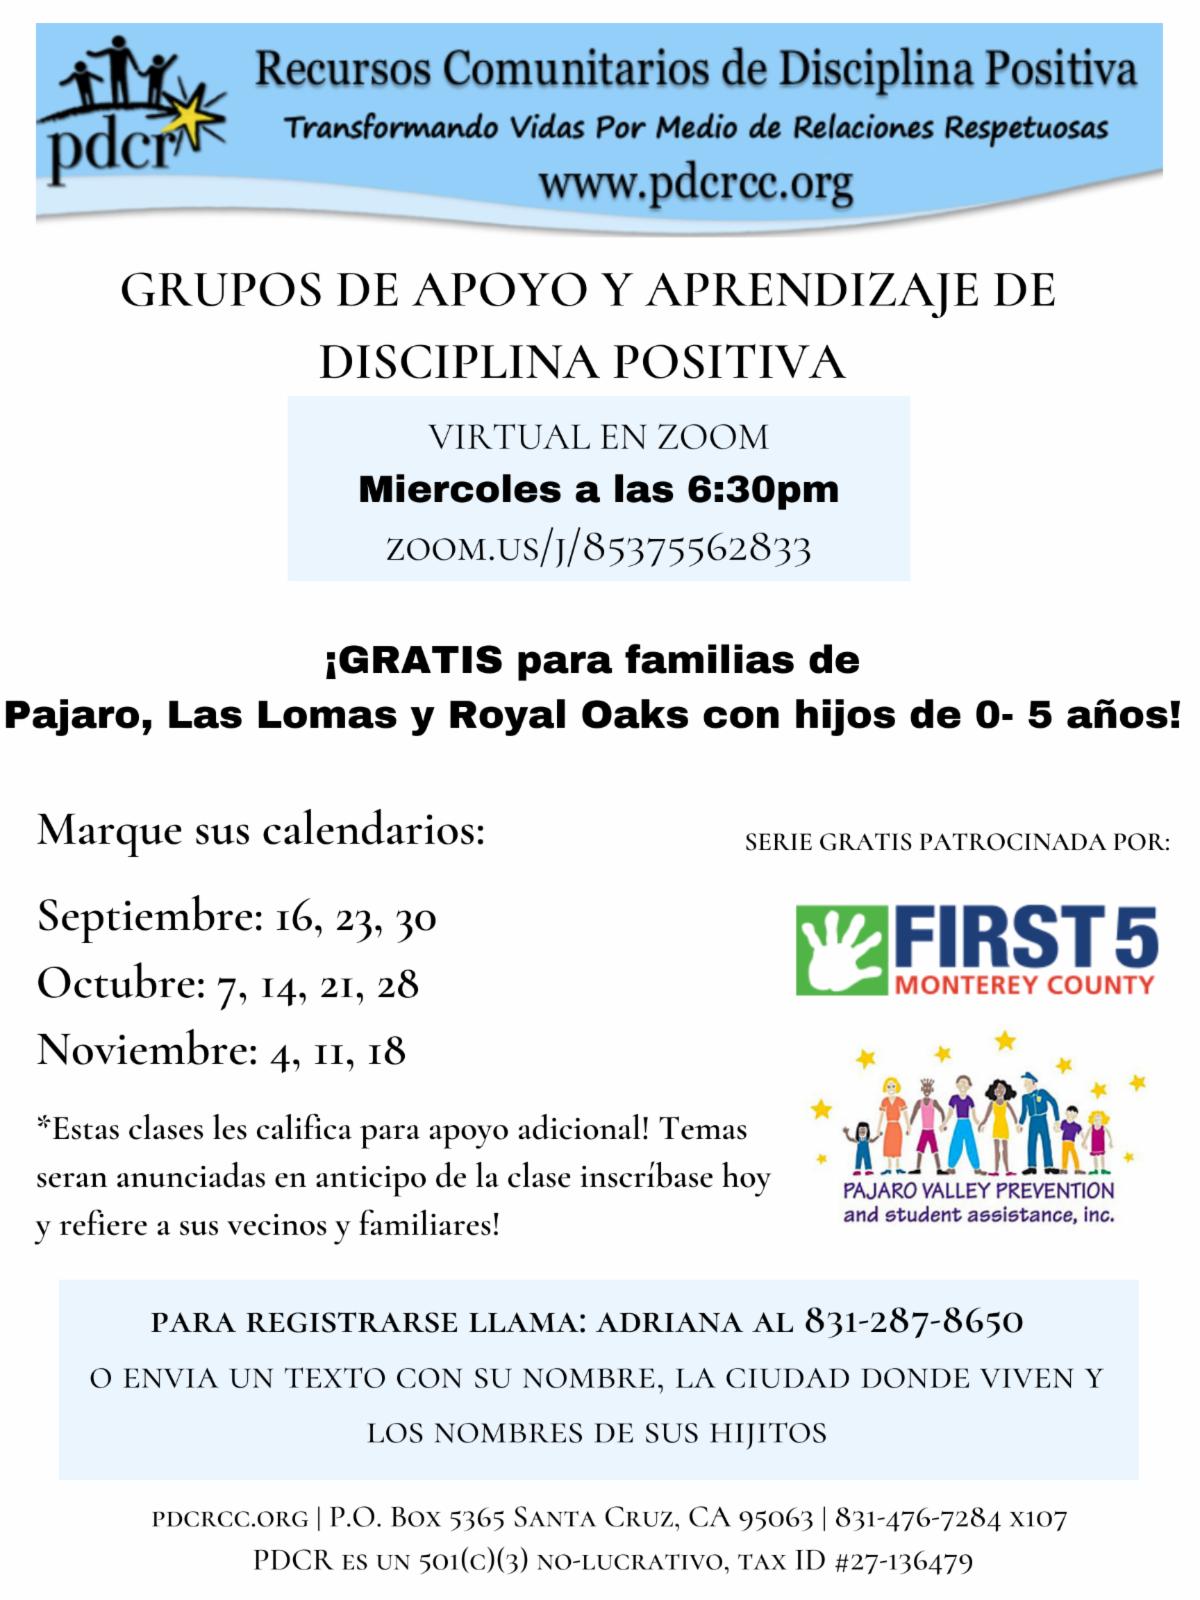 Pajaro Las Lomas class series for families